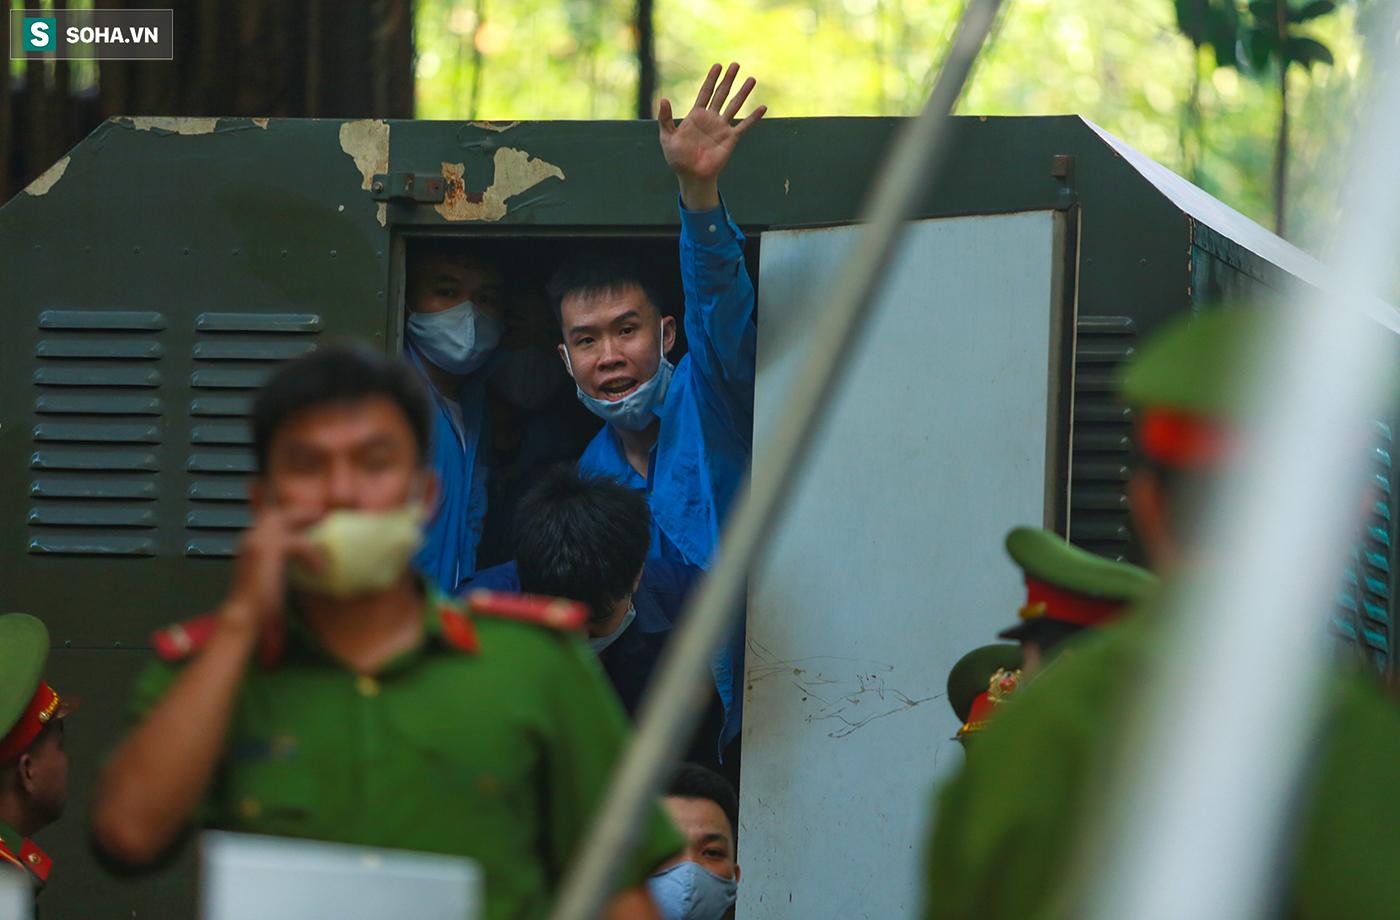 [Ảnh] Người thân đuổi theo xe bít bùng, đu bám hàng rào để nhìn 19 bị cáo vụ Tuấn khỉ ở toà án - Ảnh 4.